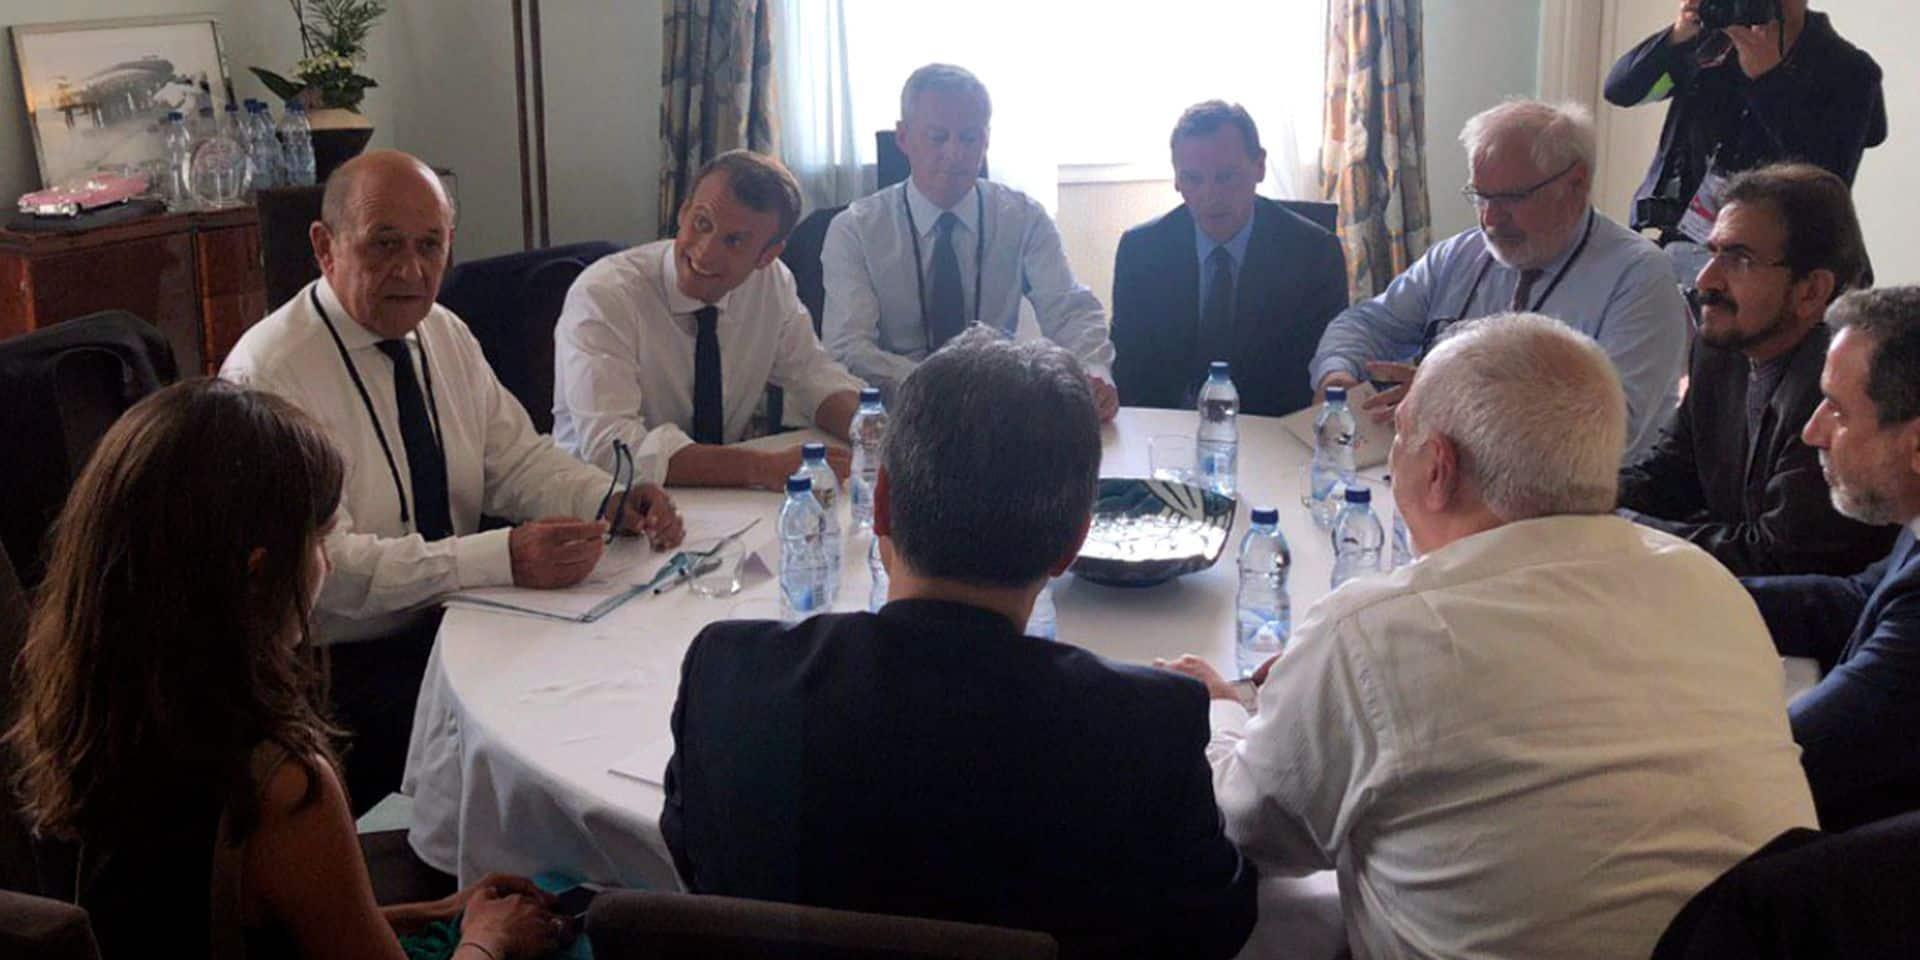 Comment se déroulent les discussions sur le nucléaire iranien en marge du G7